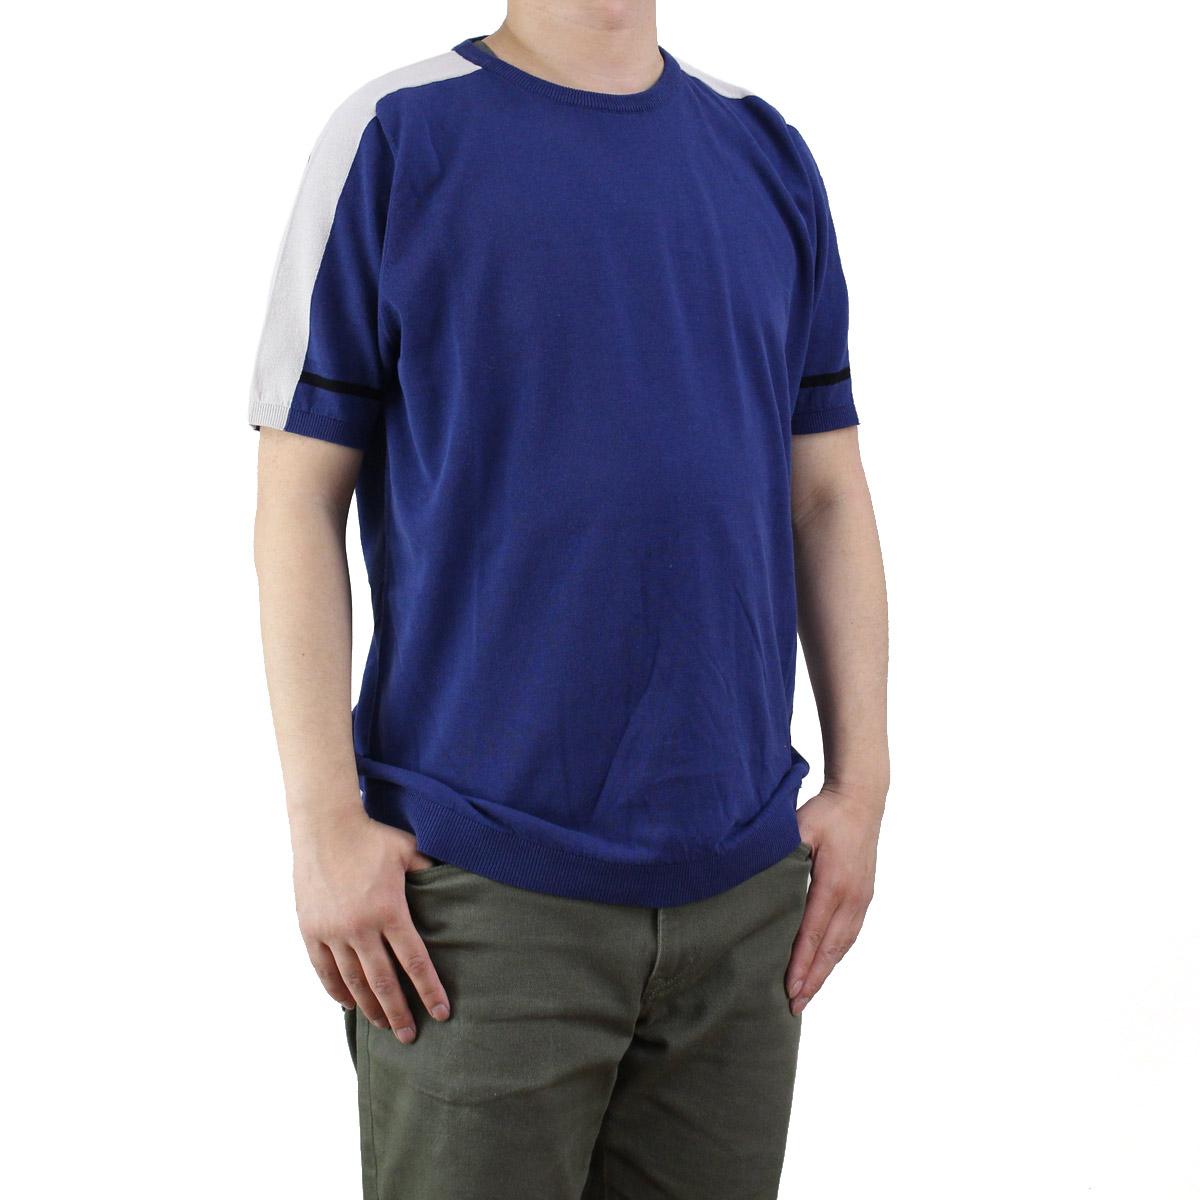 バーク Bark  メンズ 半袖 サマー セーター 71B6002 253 BLUE ブルー系 OLS-4